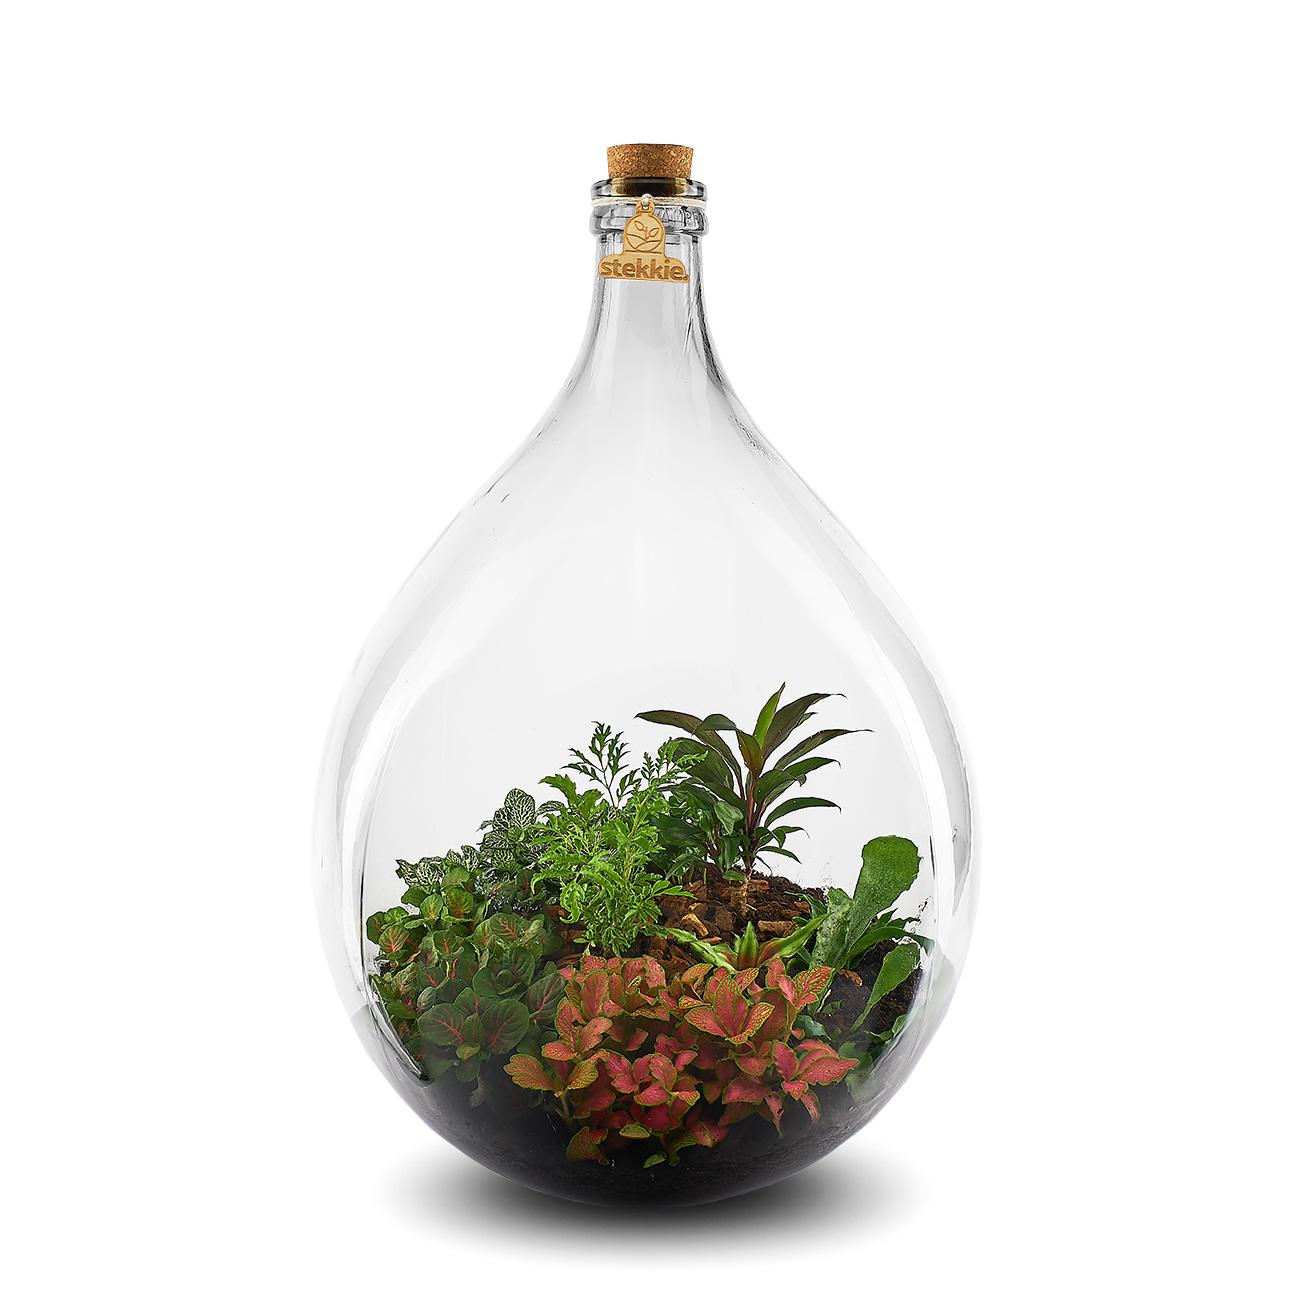 Stekkie Extra-Large mini-ecosysteem met kleurrijke planten